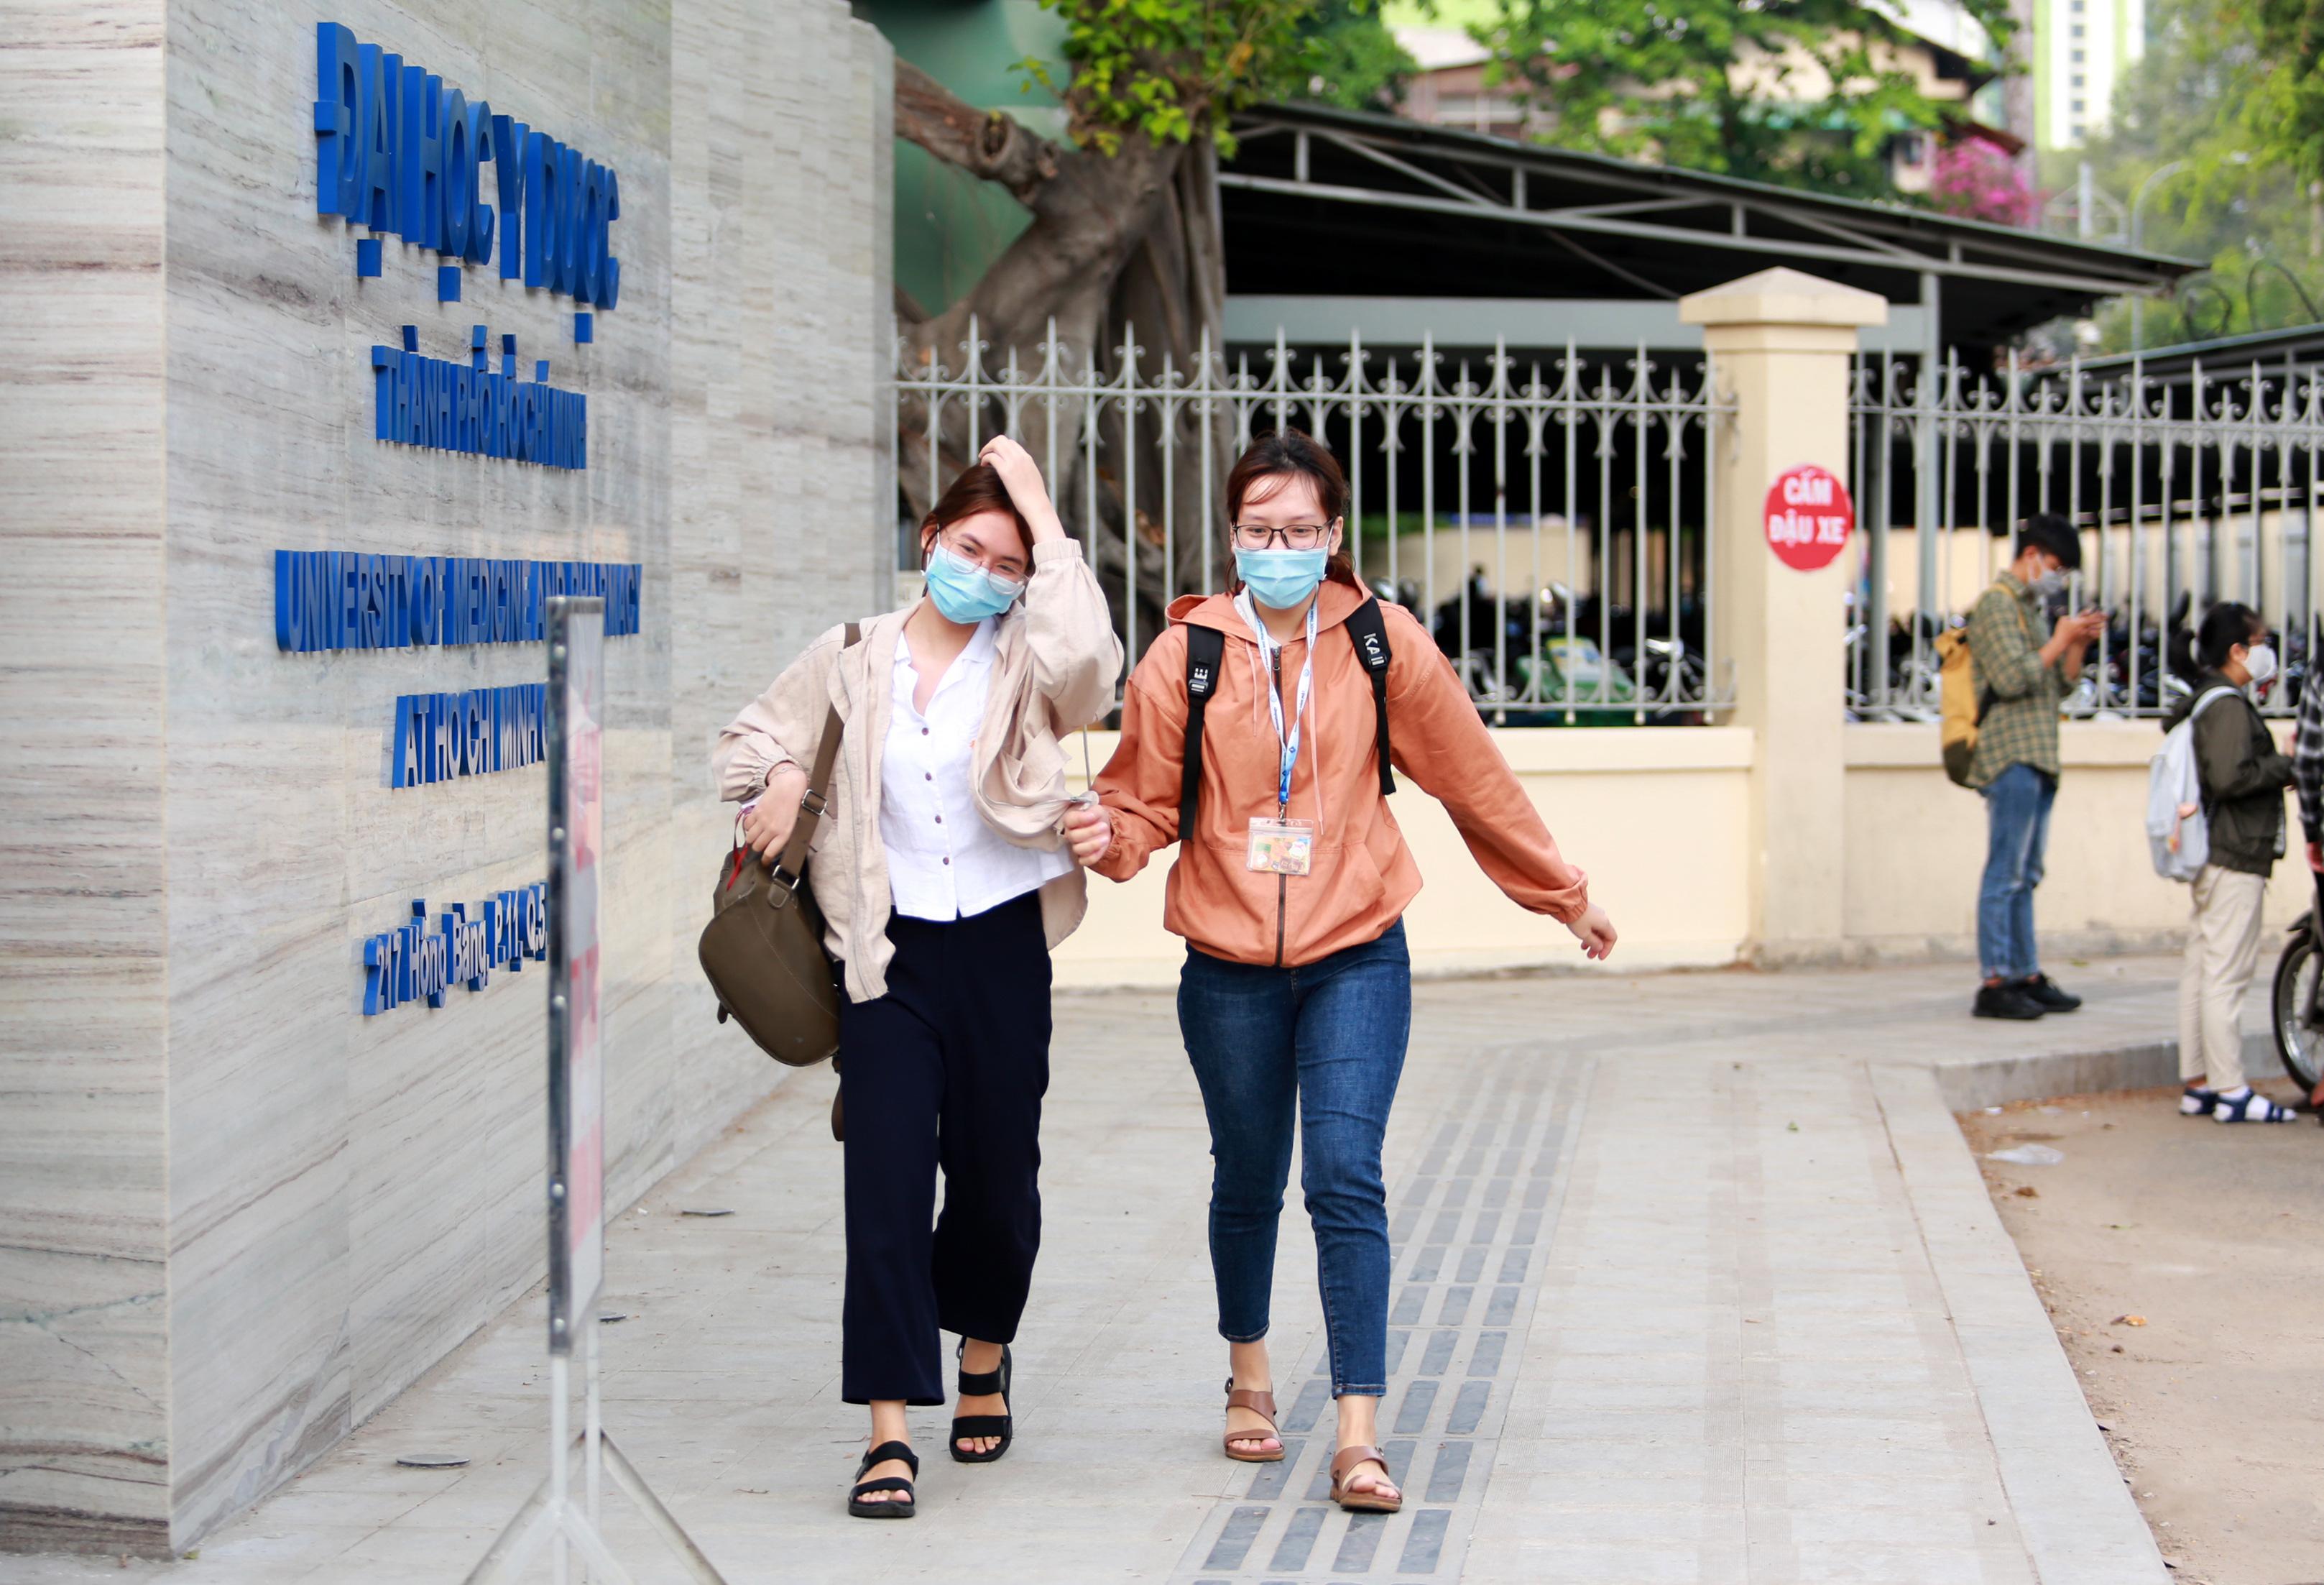 Trường ĐH duy nhất tại TP.HCM trở lại học tập, sinh viên bịt khẩu trang kín mít, kiểm tra nghiêm ngặt khi vào trường - Ảnh 12.